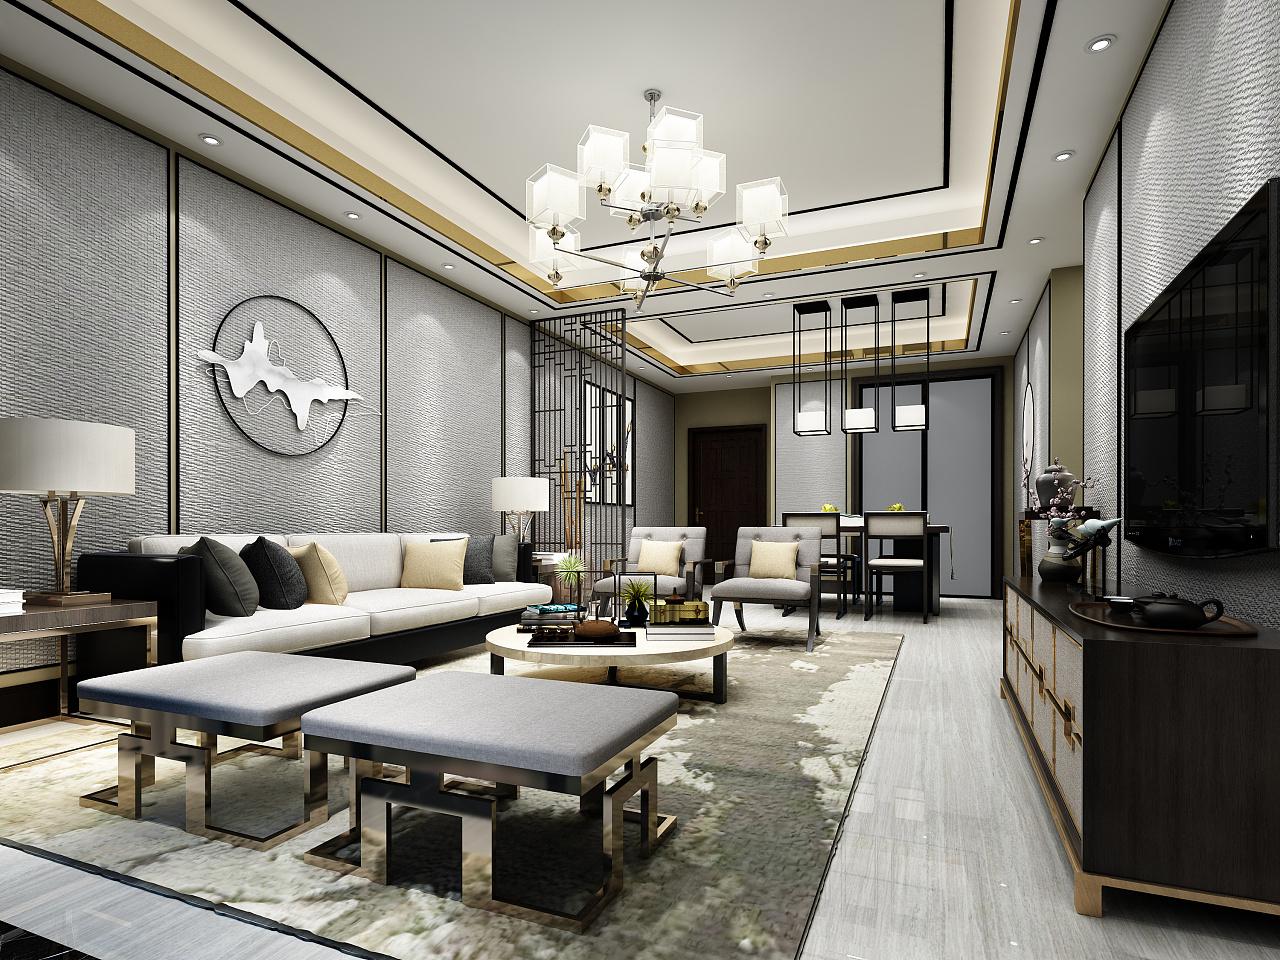 新中式室内空间方案设计图片